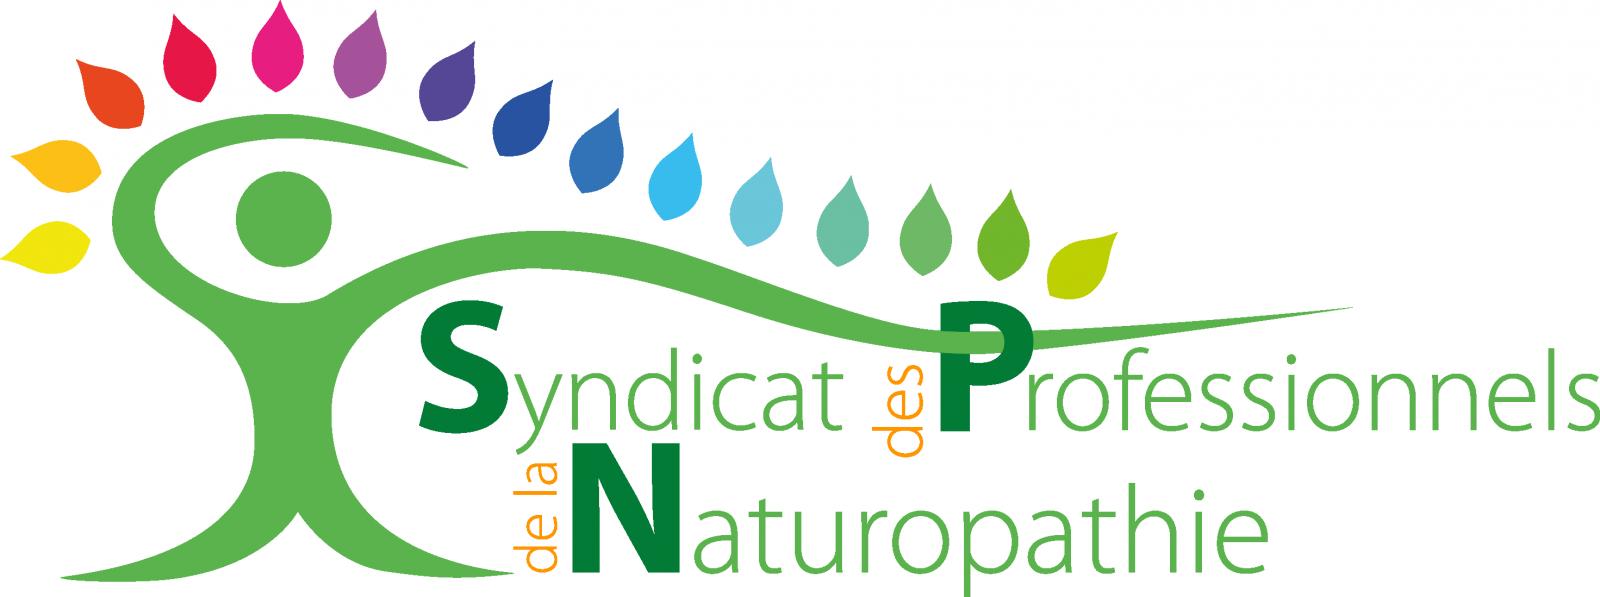 NatureBio Dental est partenaire du syndicat des Professionnels de la Naturopathie